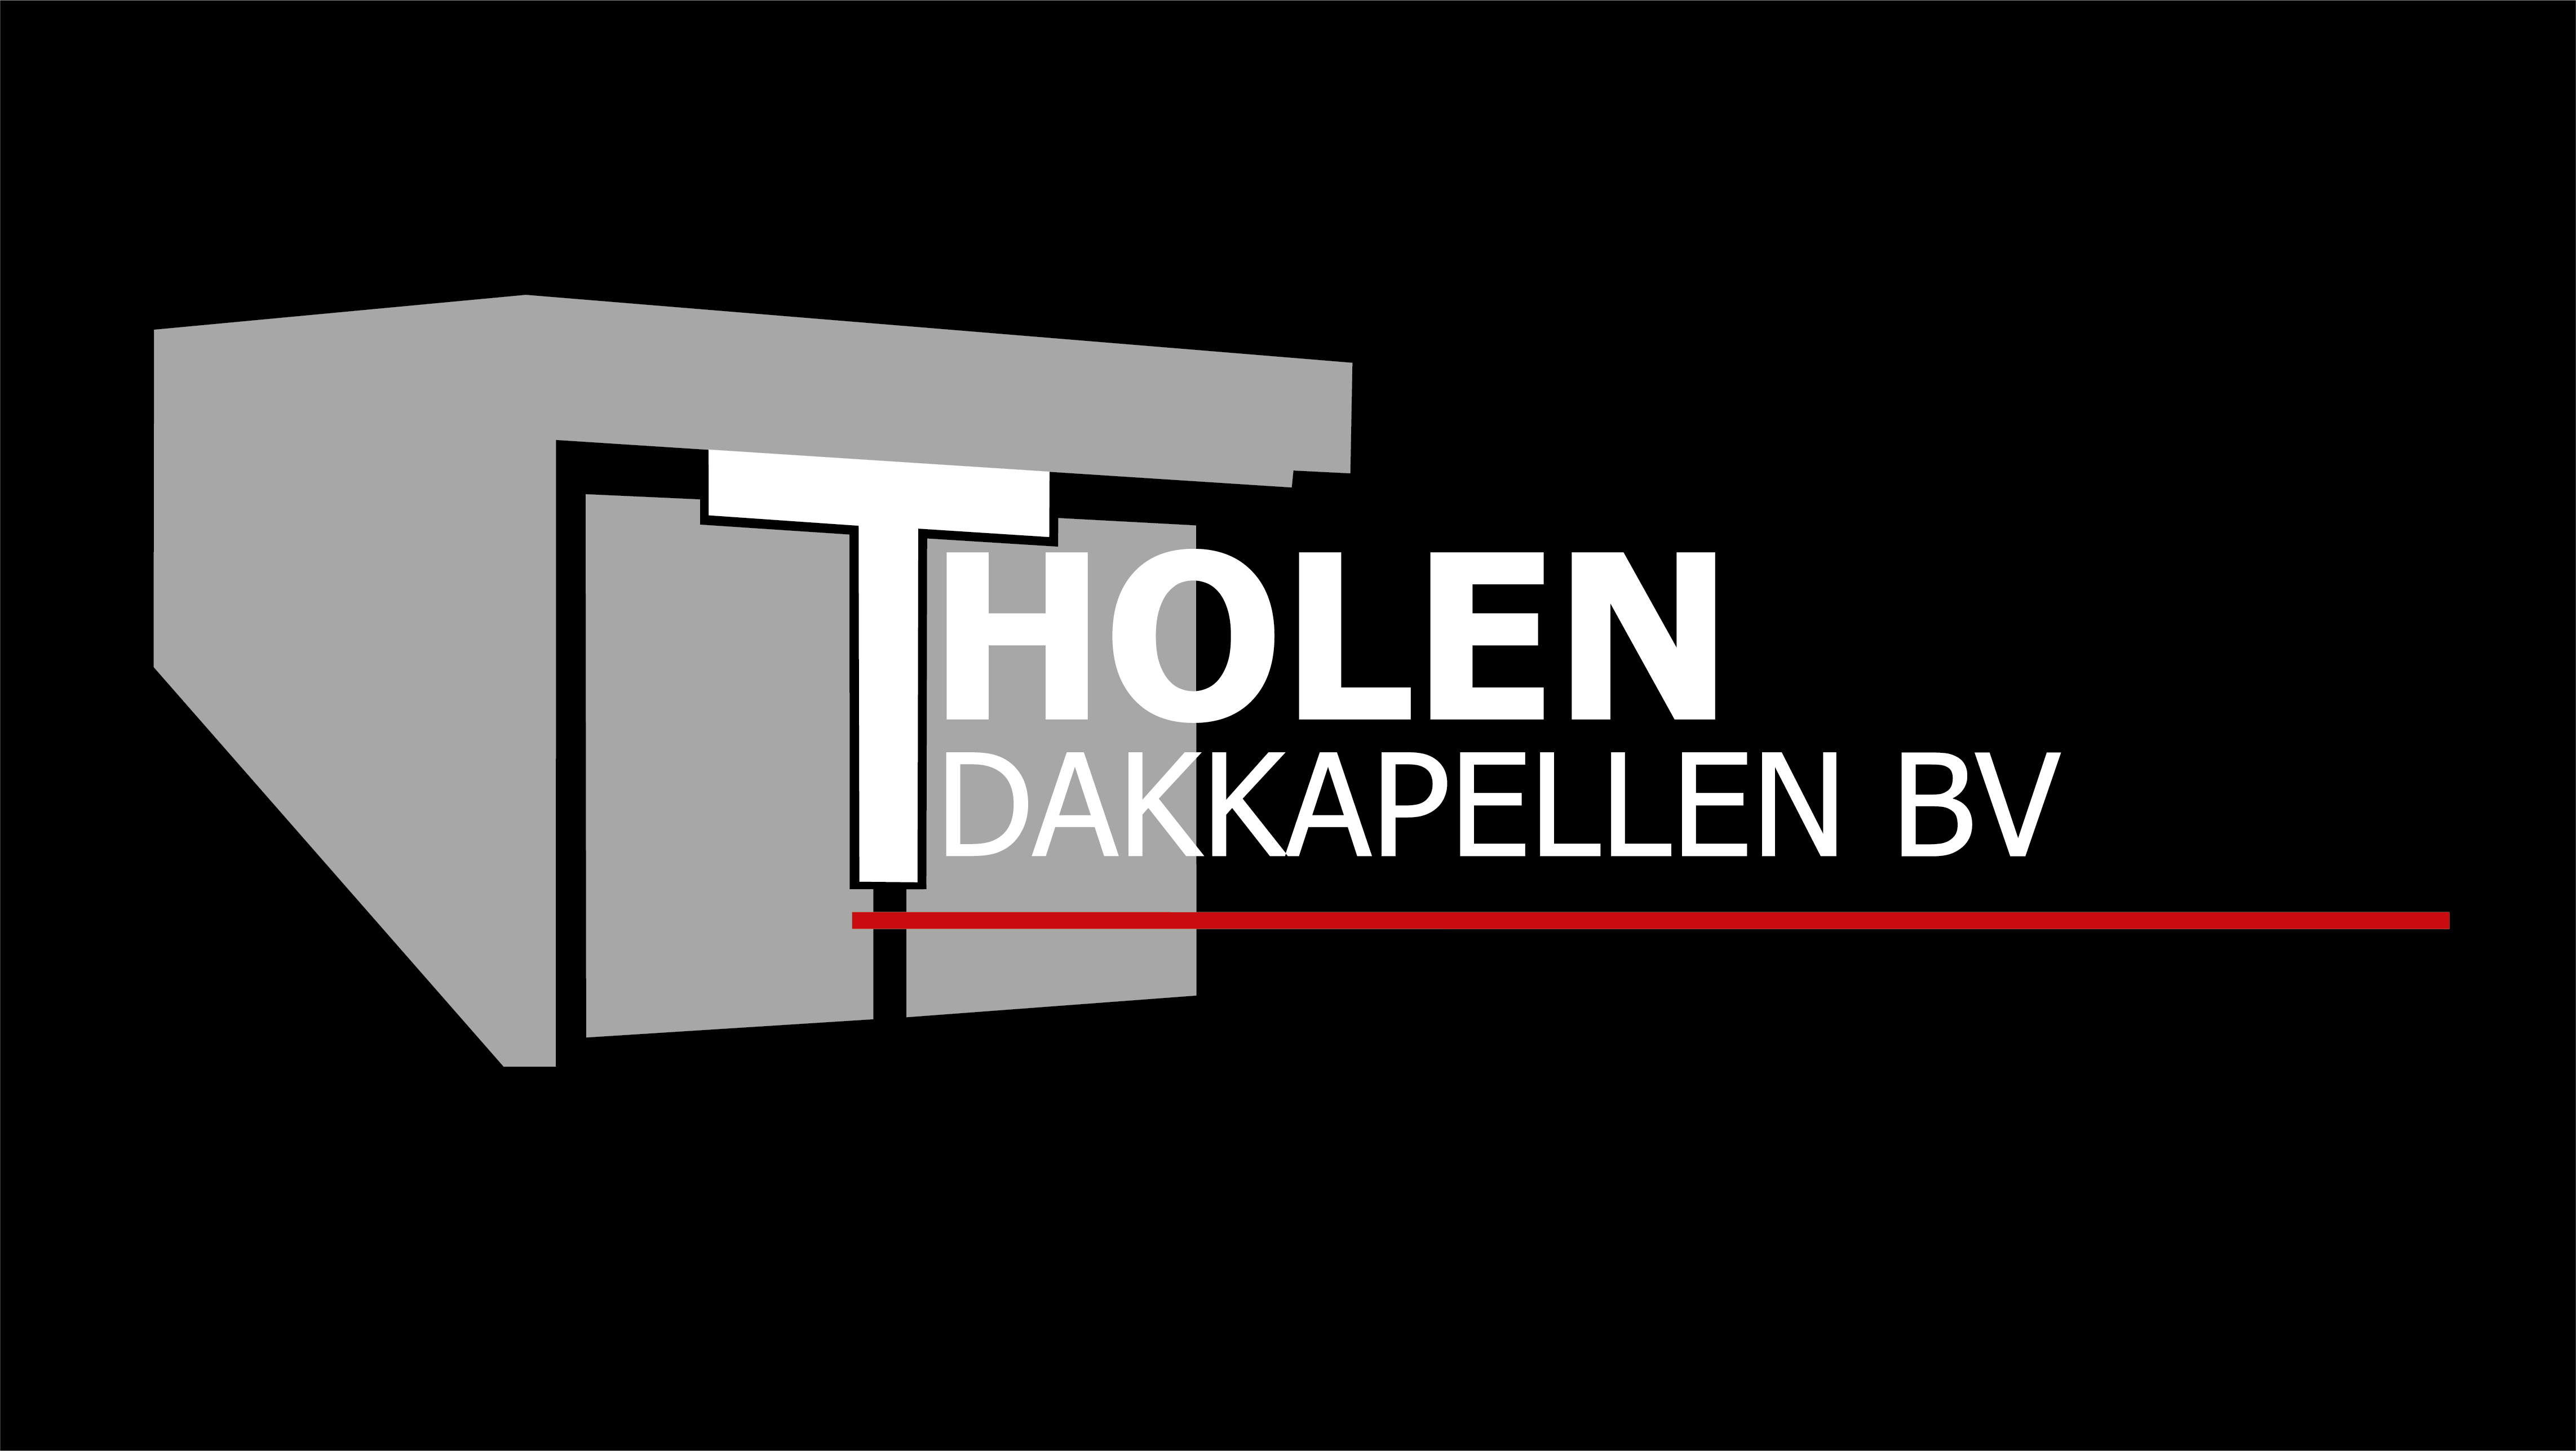 Tholen Dakkapellen